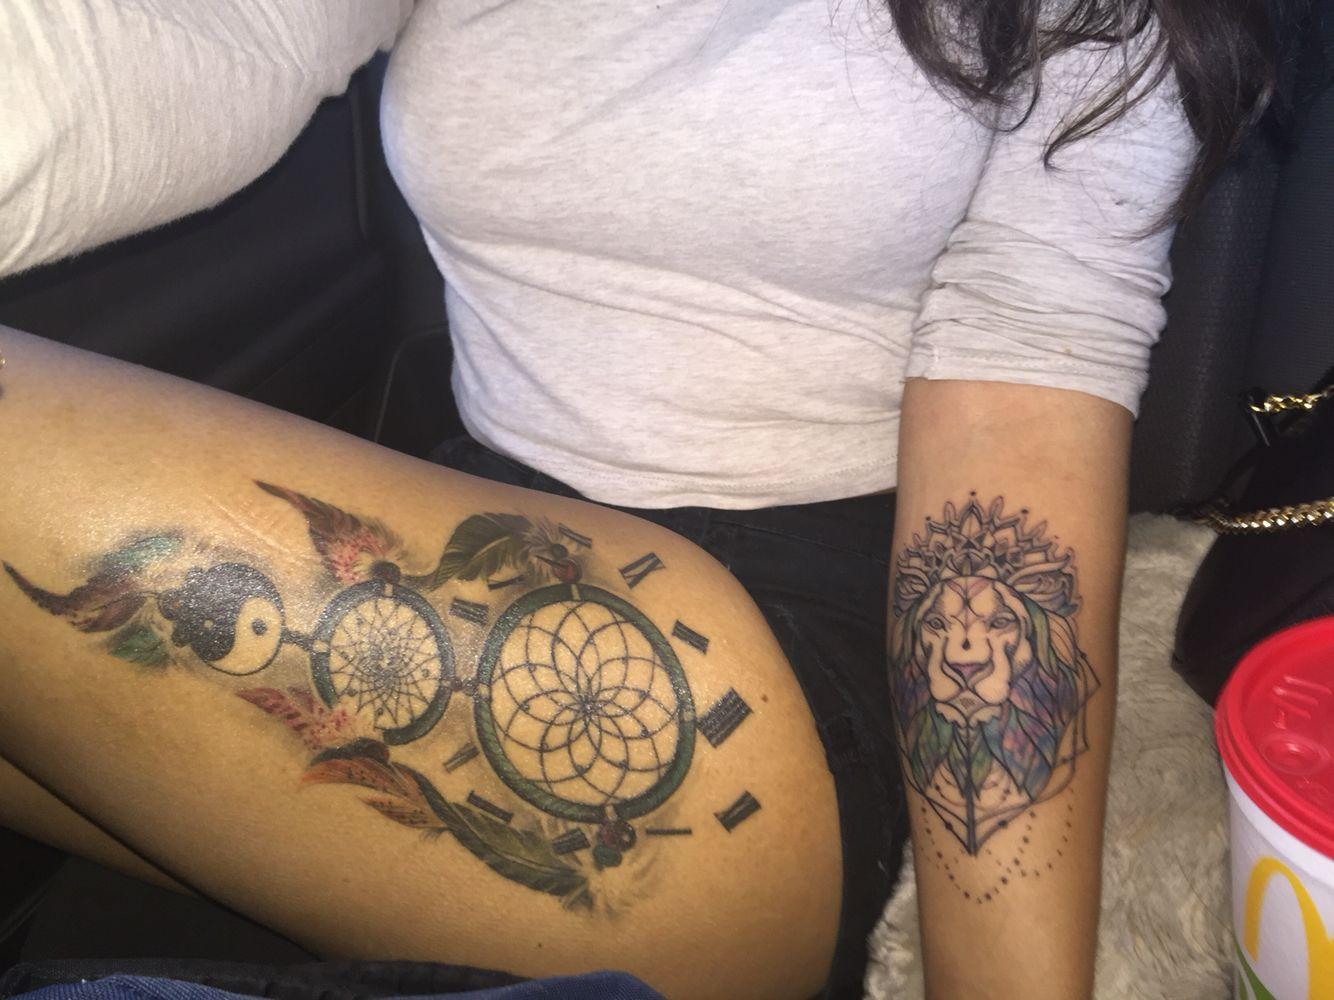 my dream catcher tattoo and lion leo tattoo ✨☁ | my tattoos